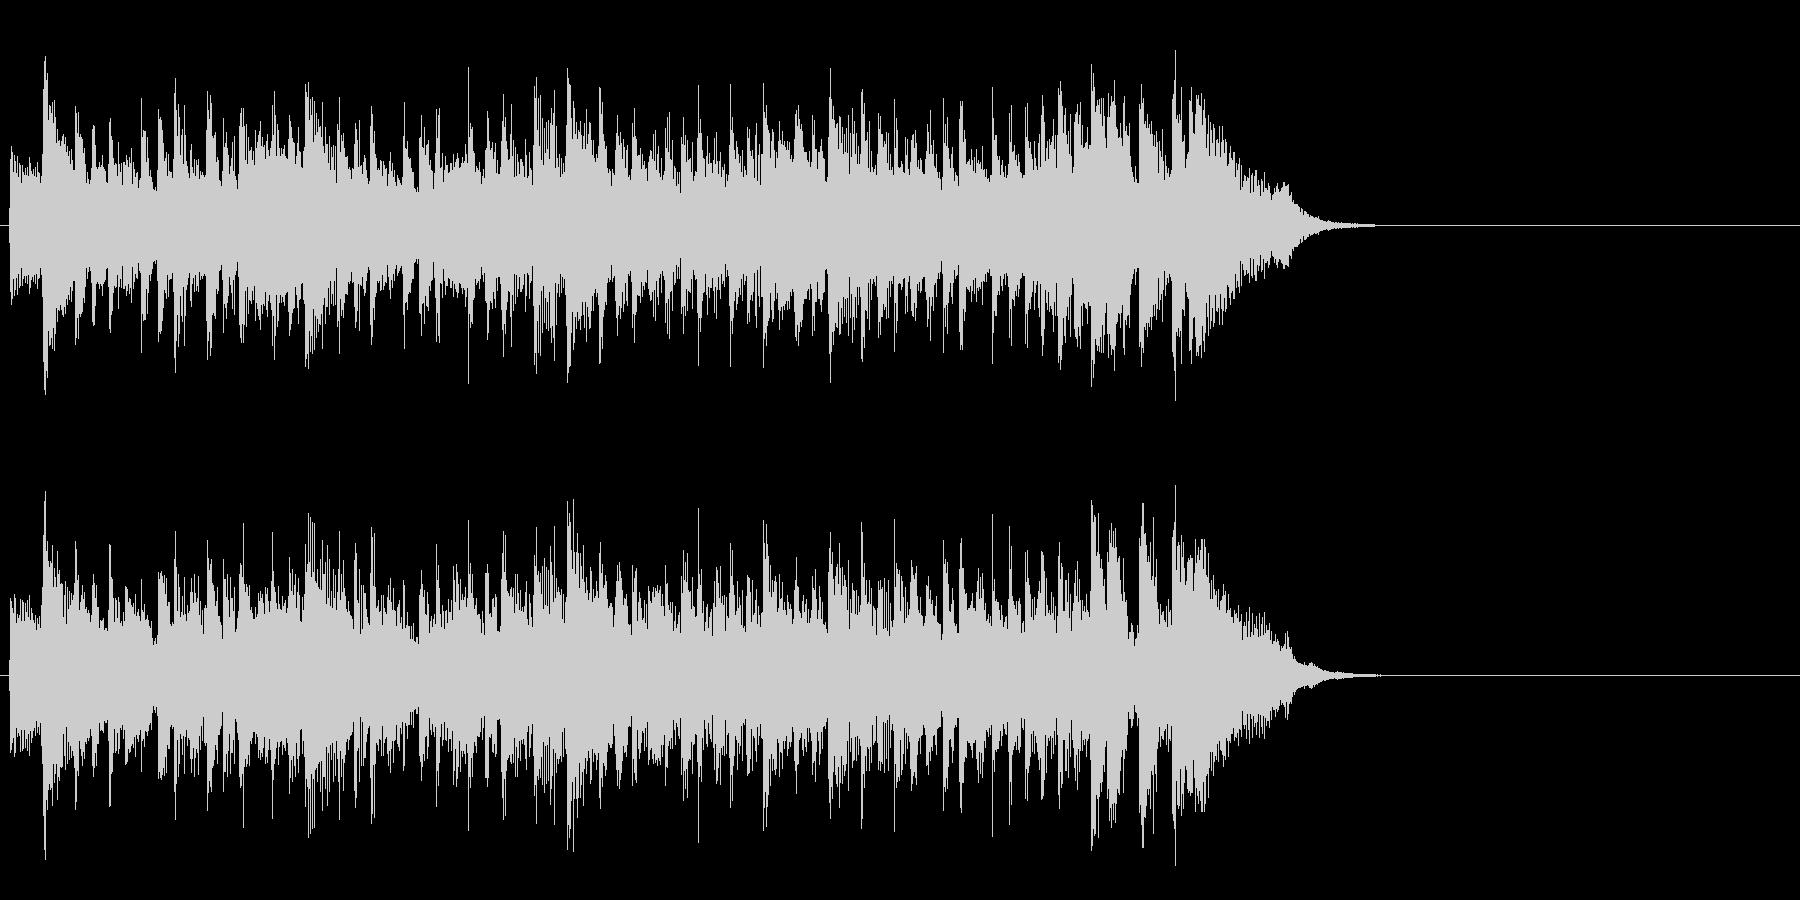 優しいライト・ポップス(イントロ)の未再生の波形